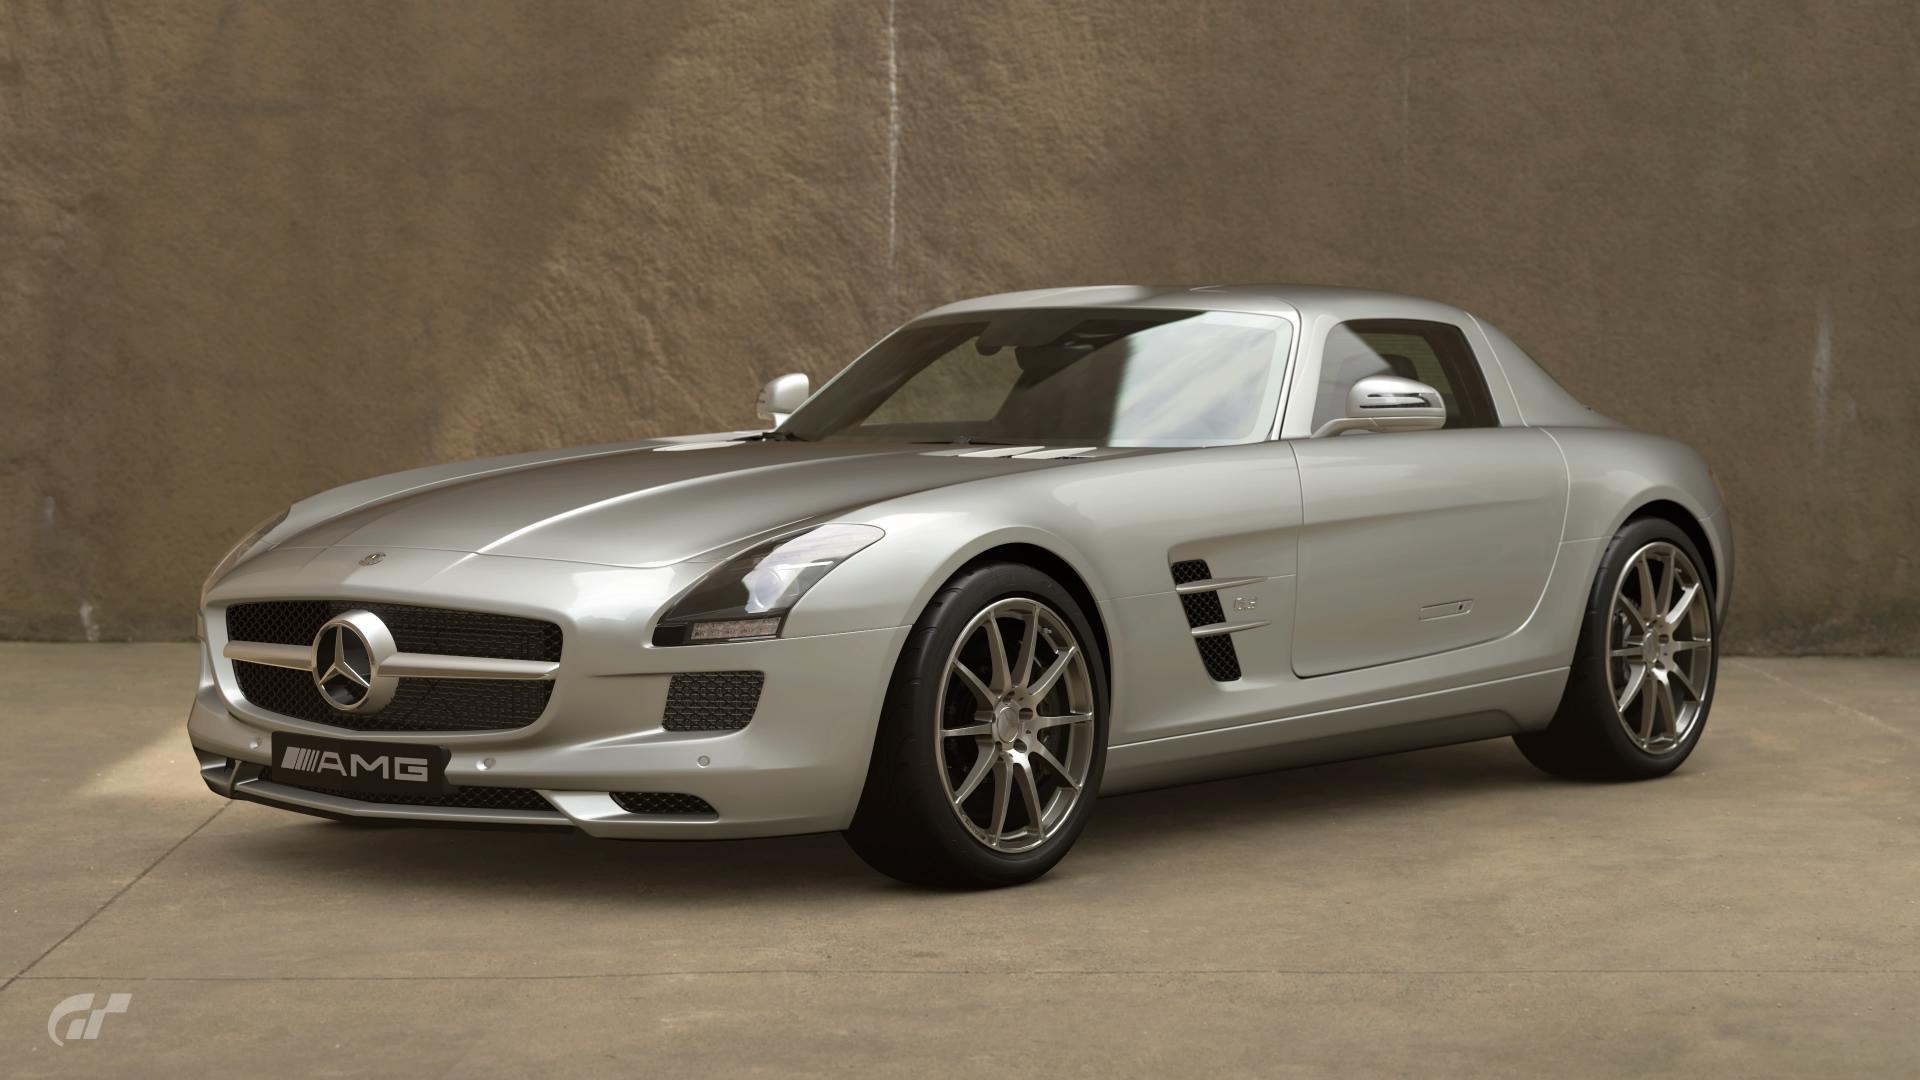 Mercedes Benz Seattle >> Mercedes-Benz SLS AMG '10 | Gran Turismo Wiki | FANDOM ...